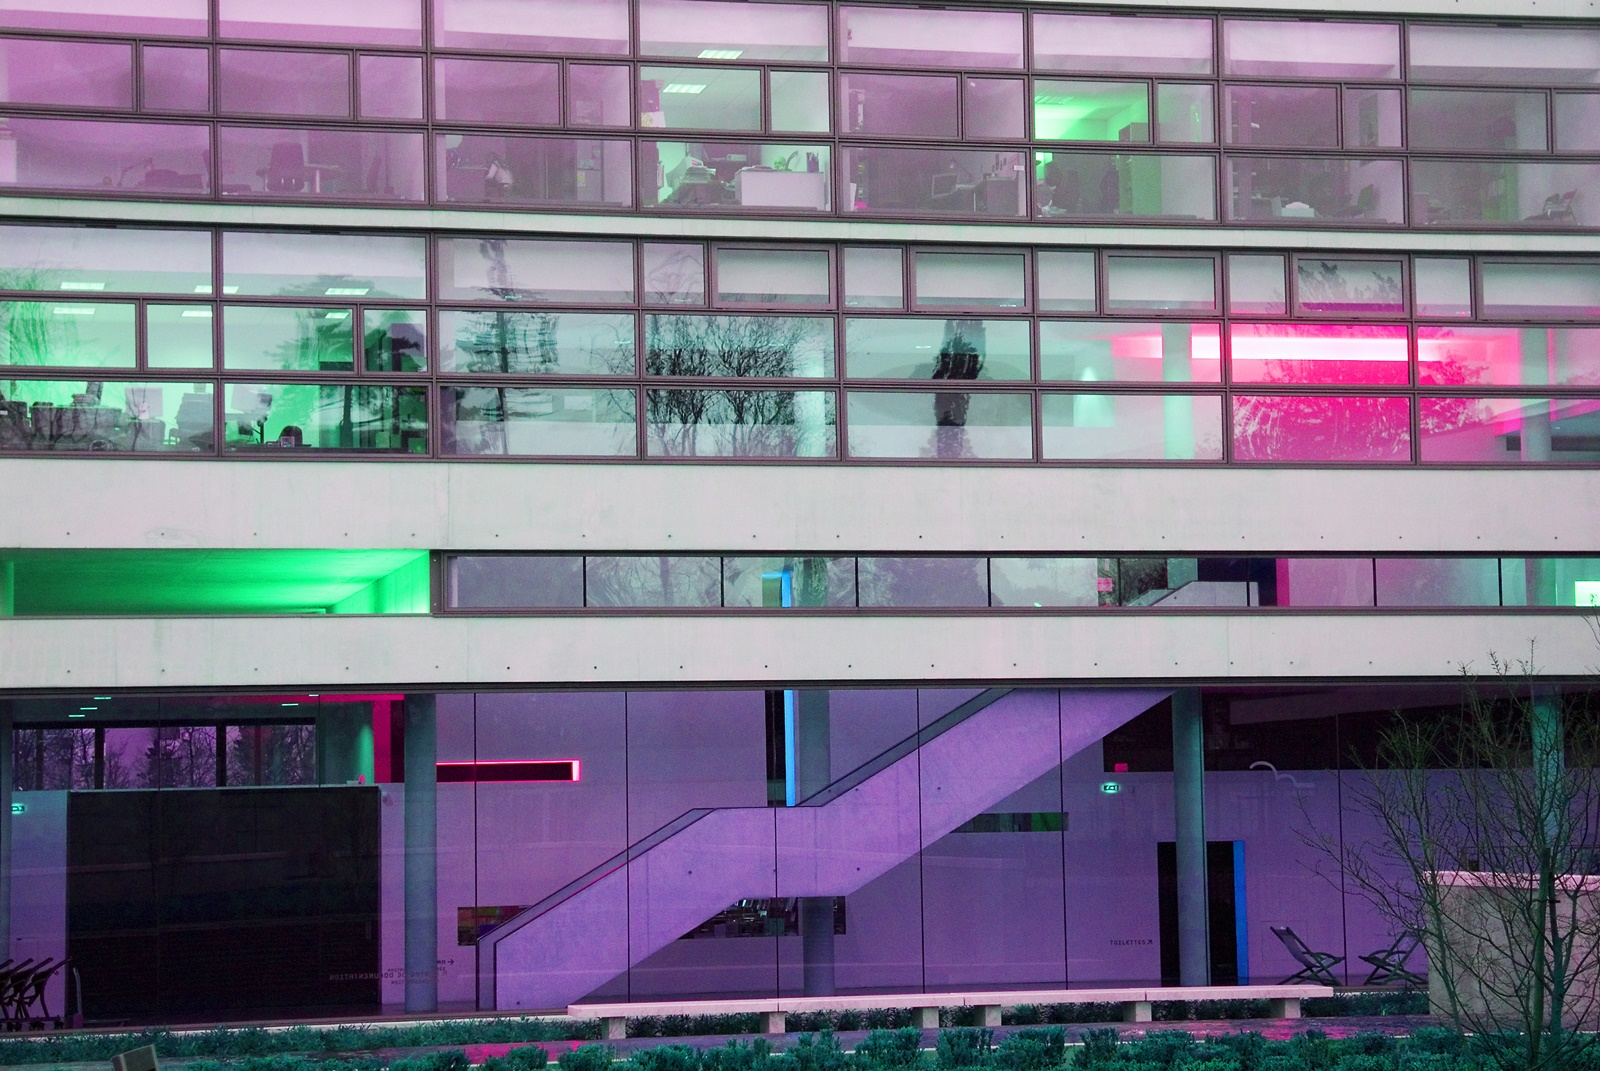 Eductour 2015 : Lieux culturels et artistiques